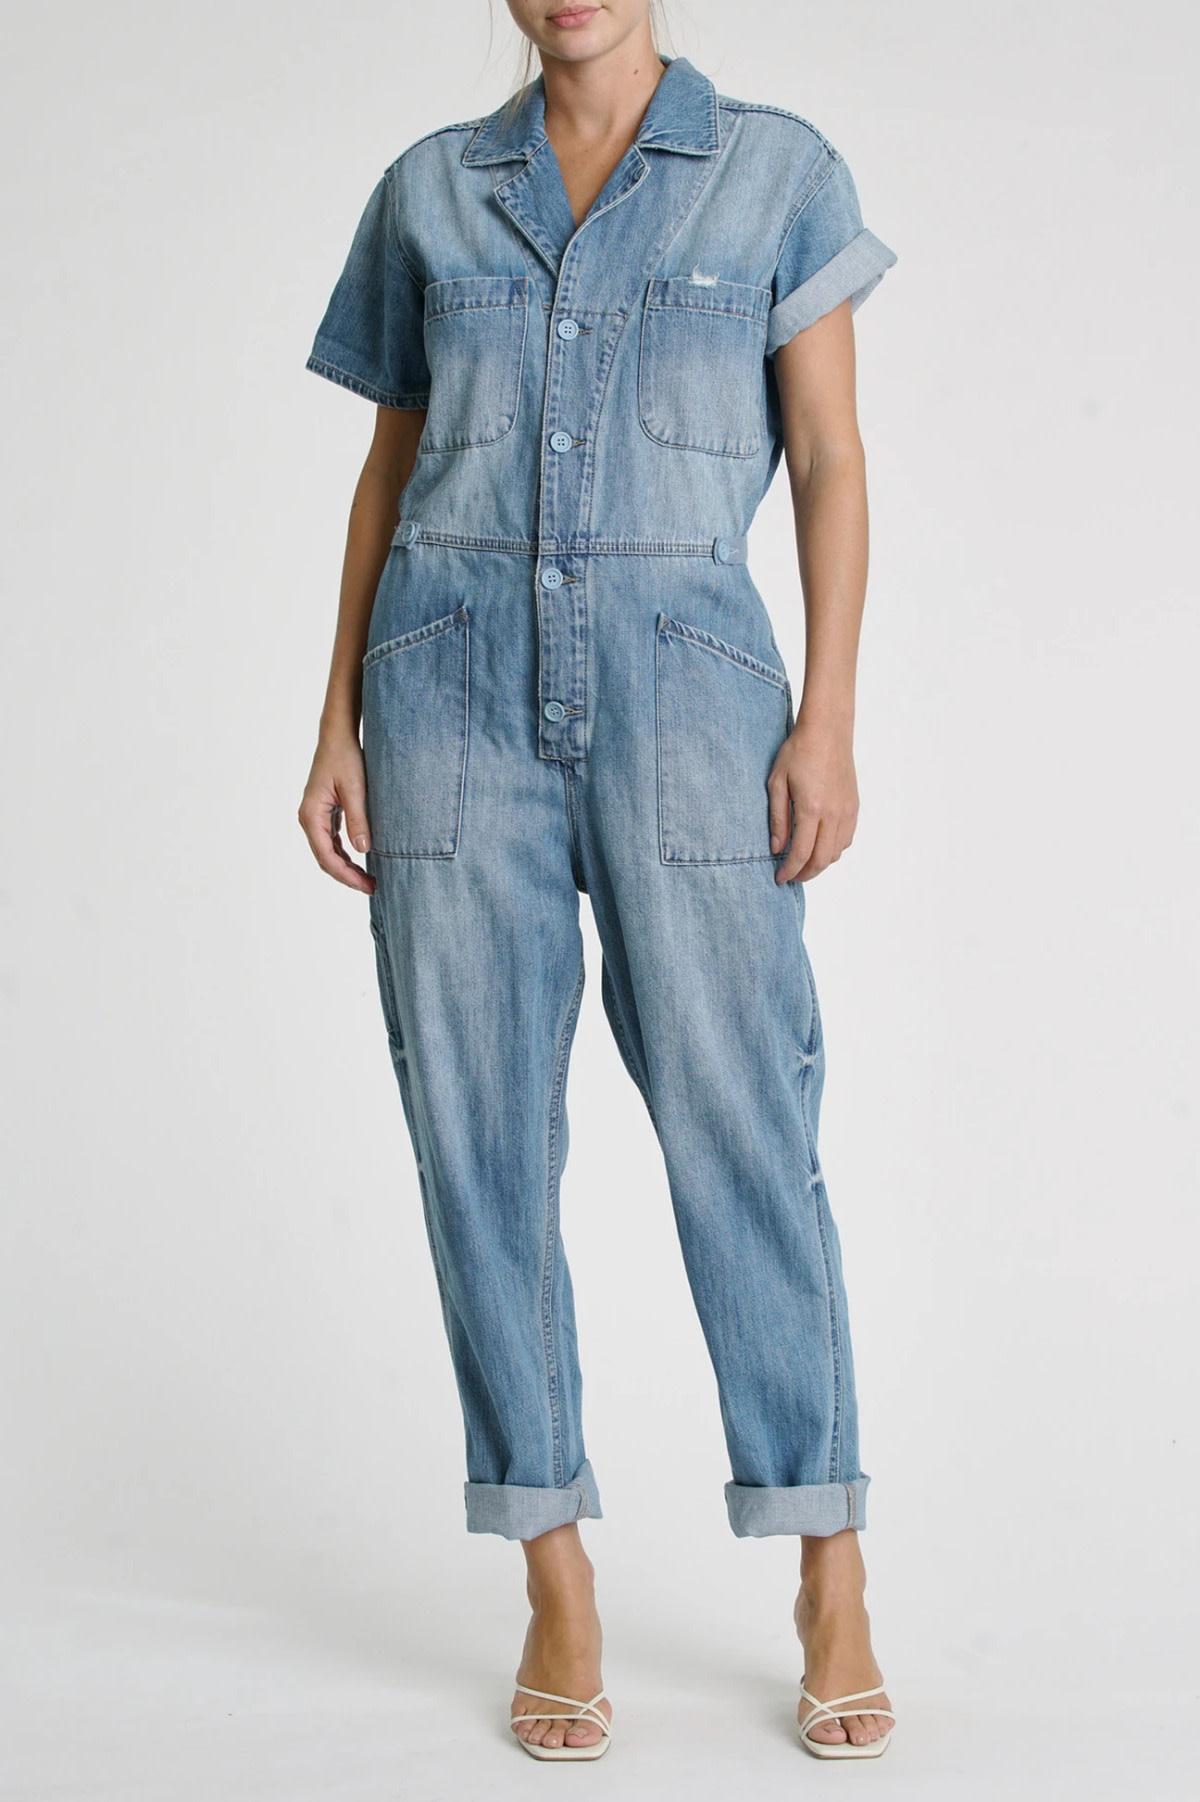 Atikshop Gover Short Sleeve Field Suit